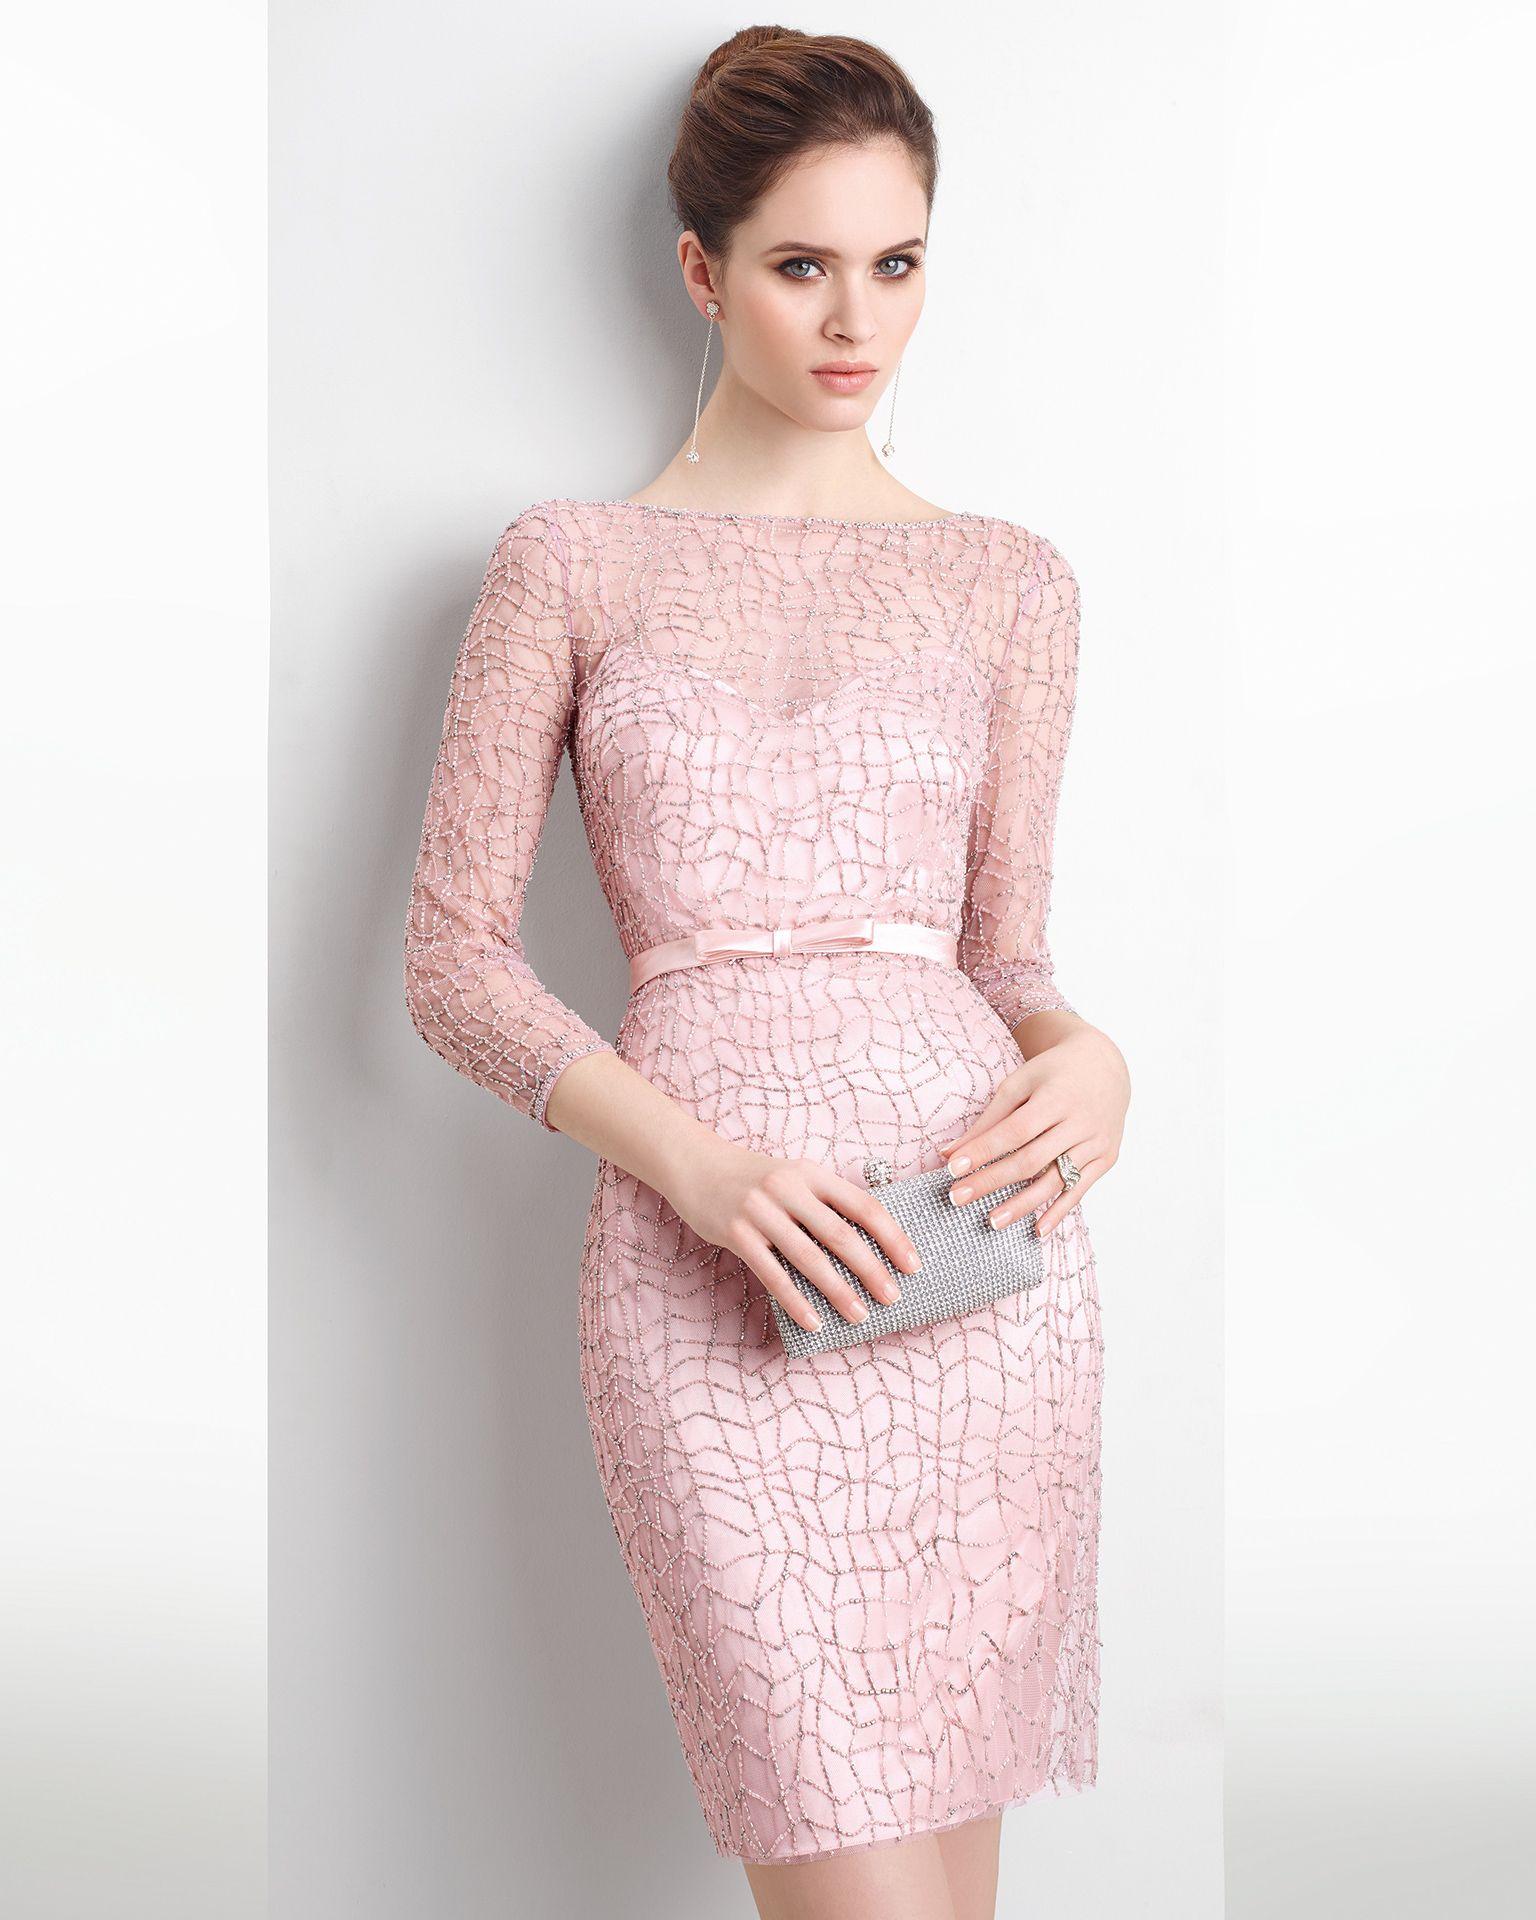 da8cf7ea2 Cómo elegir el vestido de noche ideal para esta temporada ...